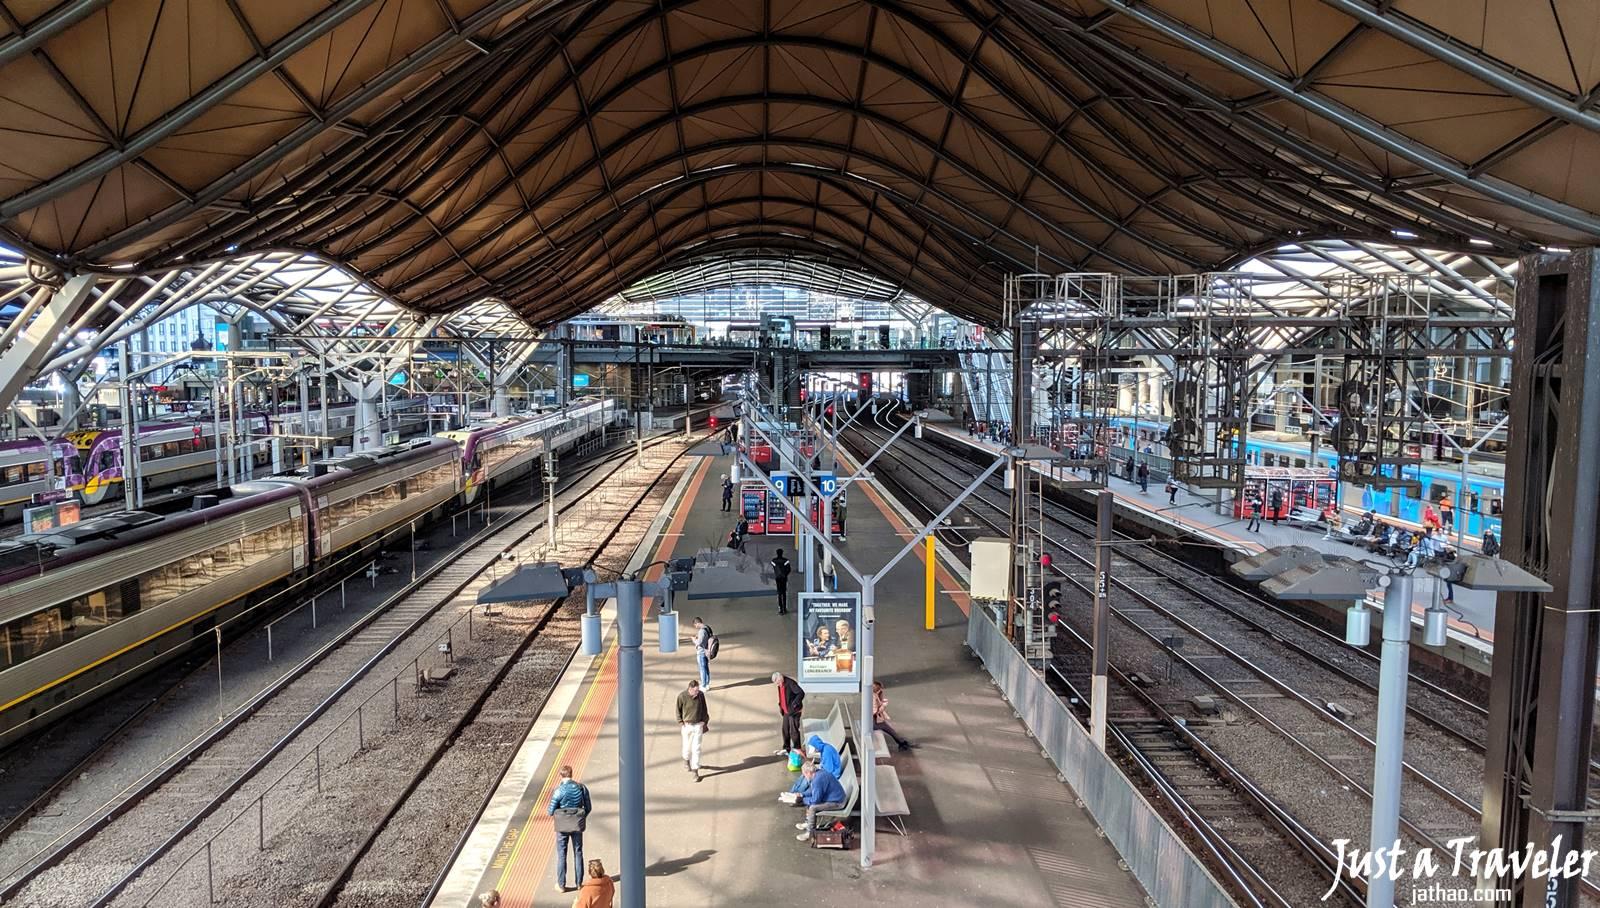 墨爾本-交通-myki-電車-火車-巴士-墨爾本交通攻略-墨爾本交通介紹-教學-搭乘-地圖-票價-melbourne-transport-tram-train-bus